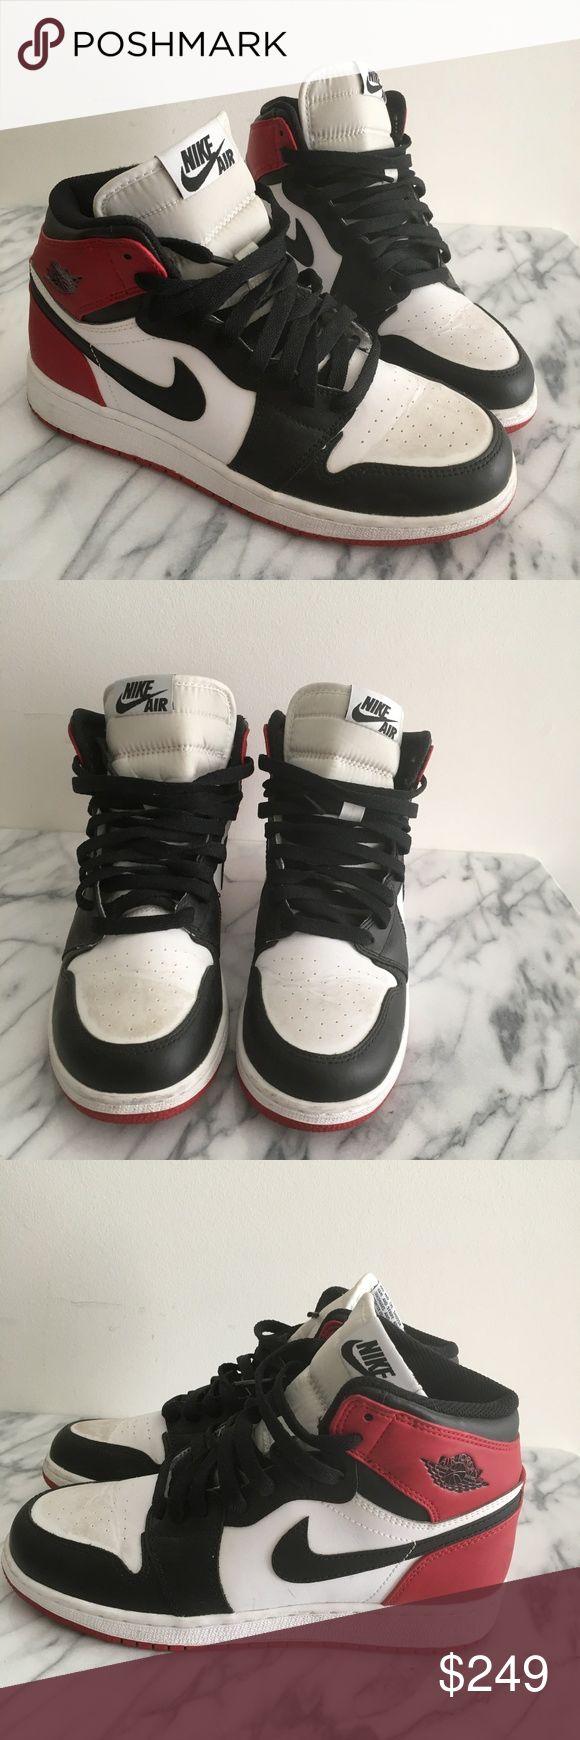 *UPDATED* Nike Air Jordan 1 Retro High OG GS Jordan 1